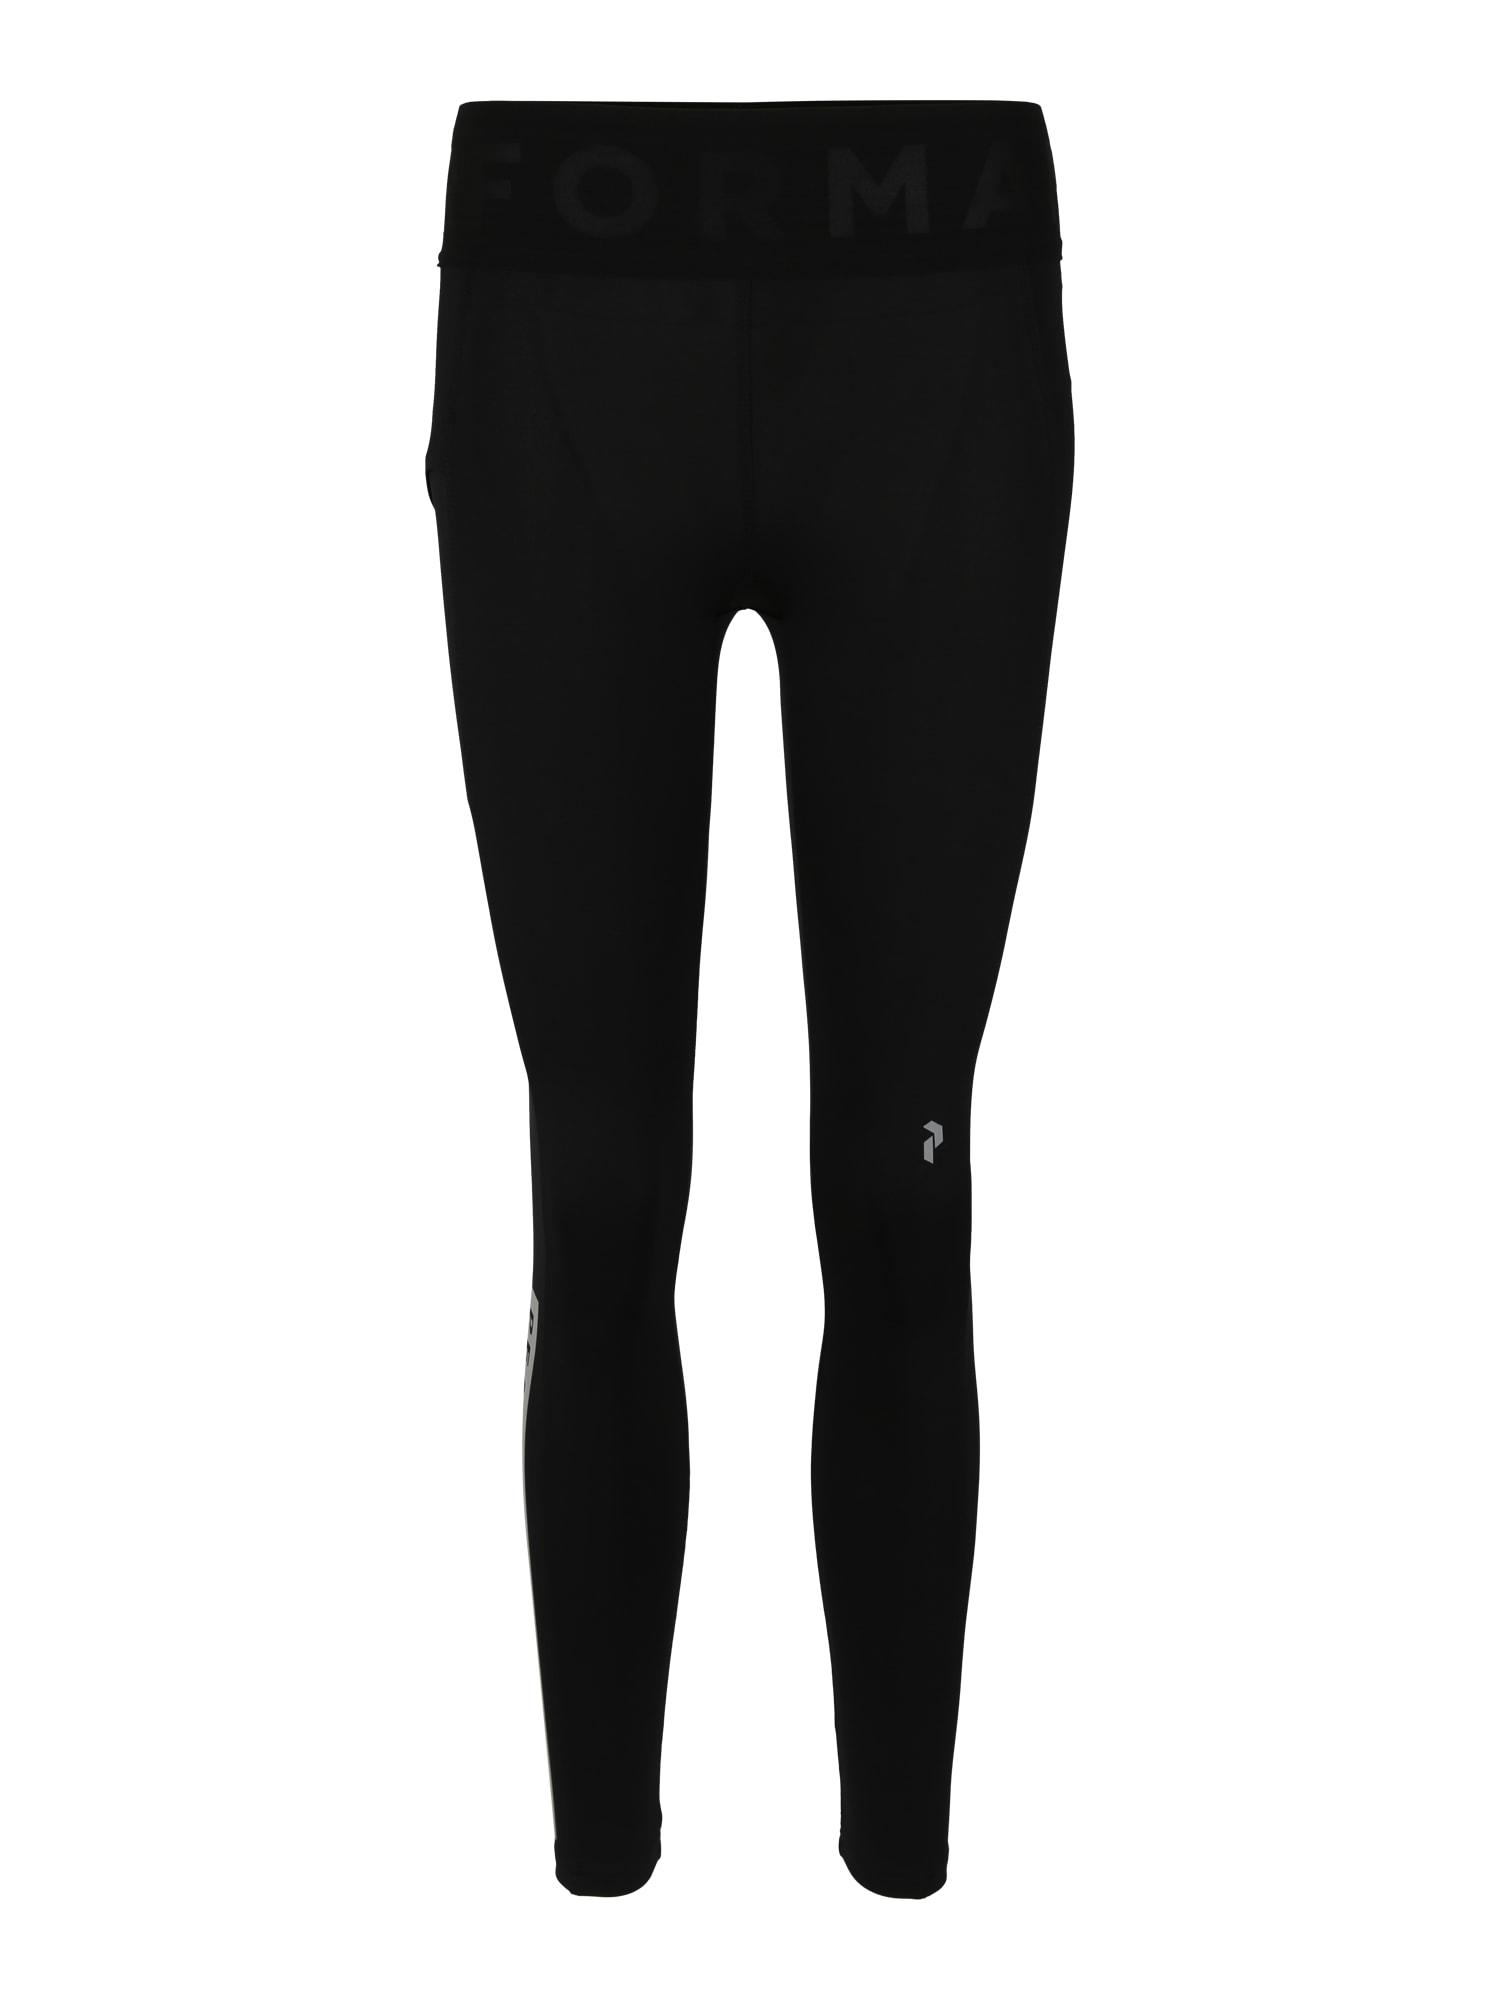 Sportovní kalhoty REVEL stříbrně šedá černá PEAK PERFORMANCE